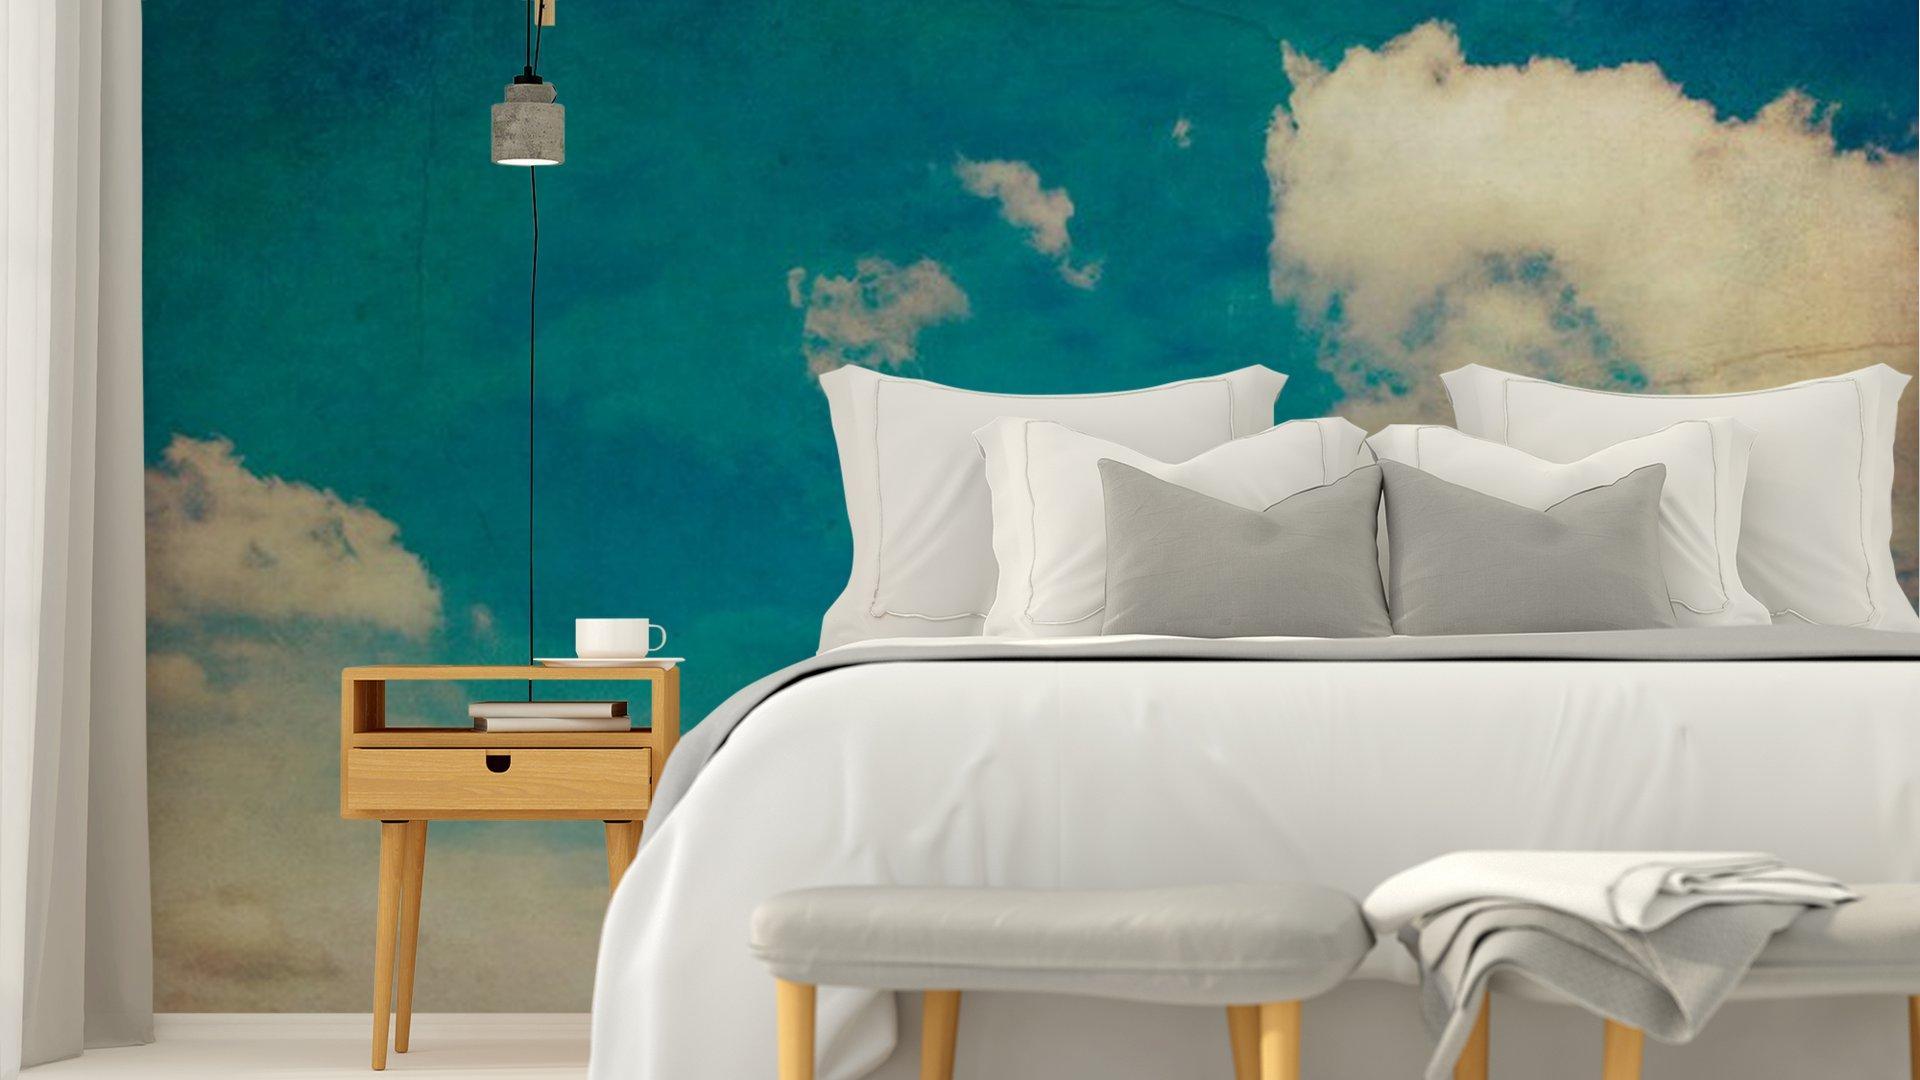 CIELO AZUL Y LAS NUBES TEXTURA DE FONDO DE LA VENDIMIA CON EL ESPACIO4 - Fotomural Tapiz Cielo Azul con Nubes